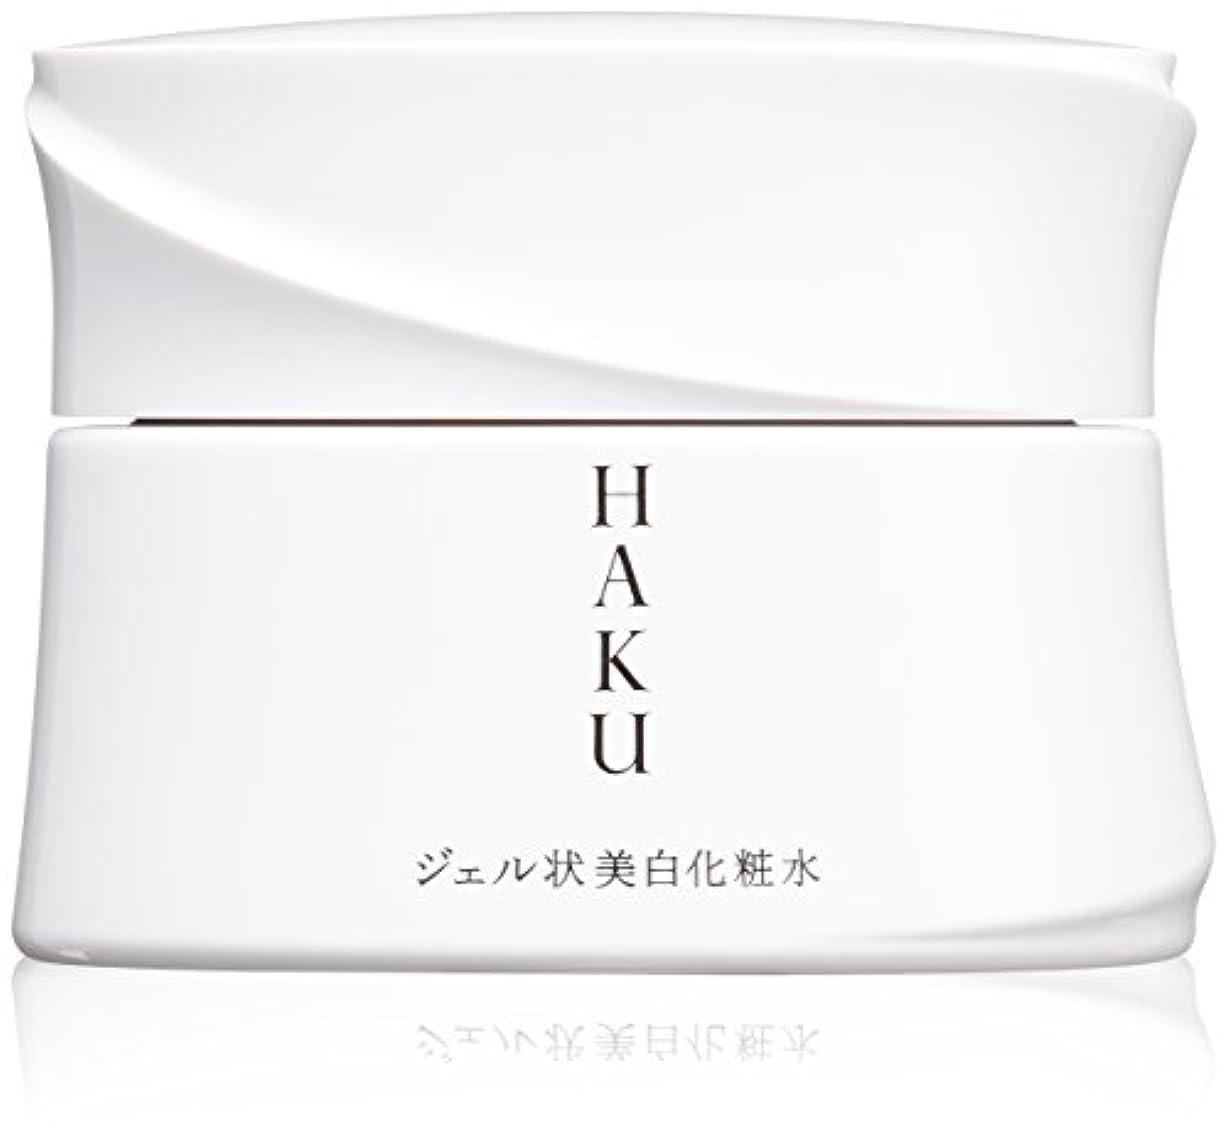 方言推測する色合いHAKU メラノディープモイスチャー 美白化粧水 100g 【医薬部外品】